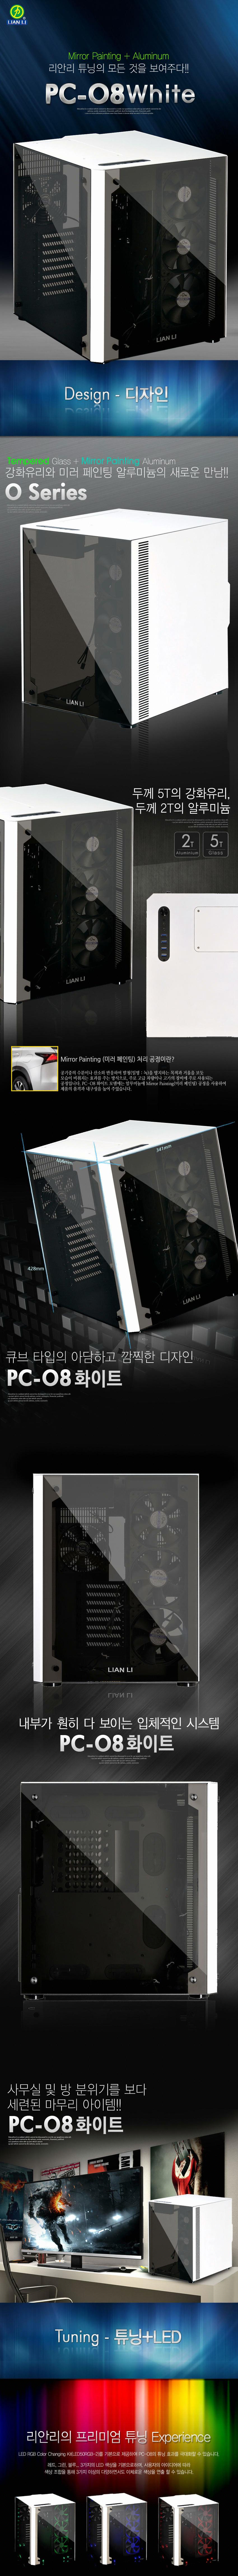 PC-O8WBW_INFO-01.jpg